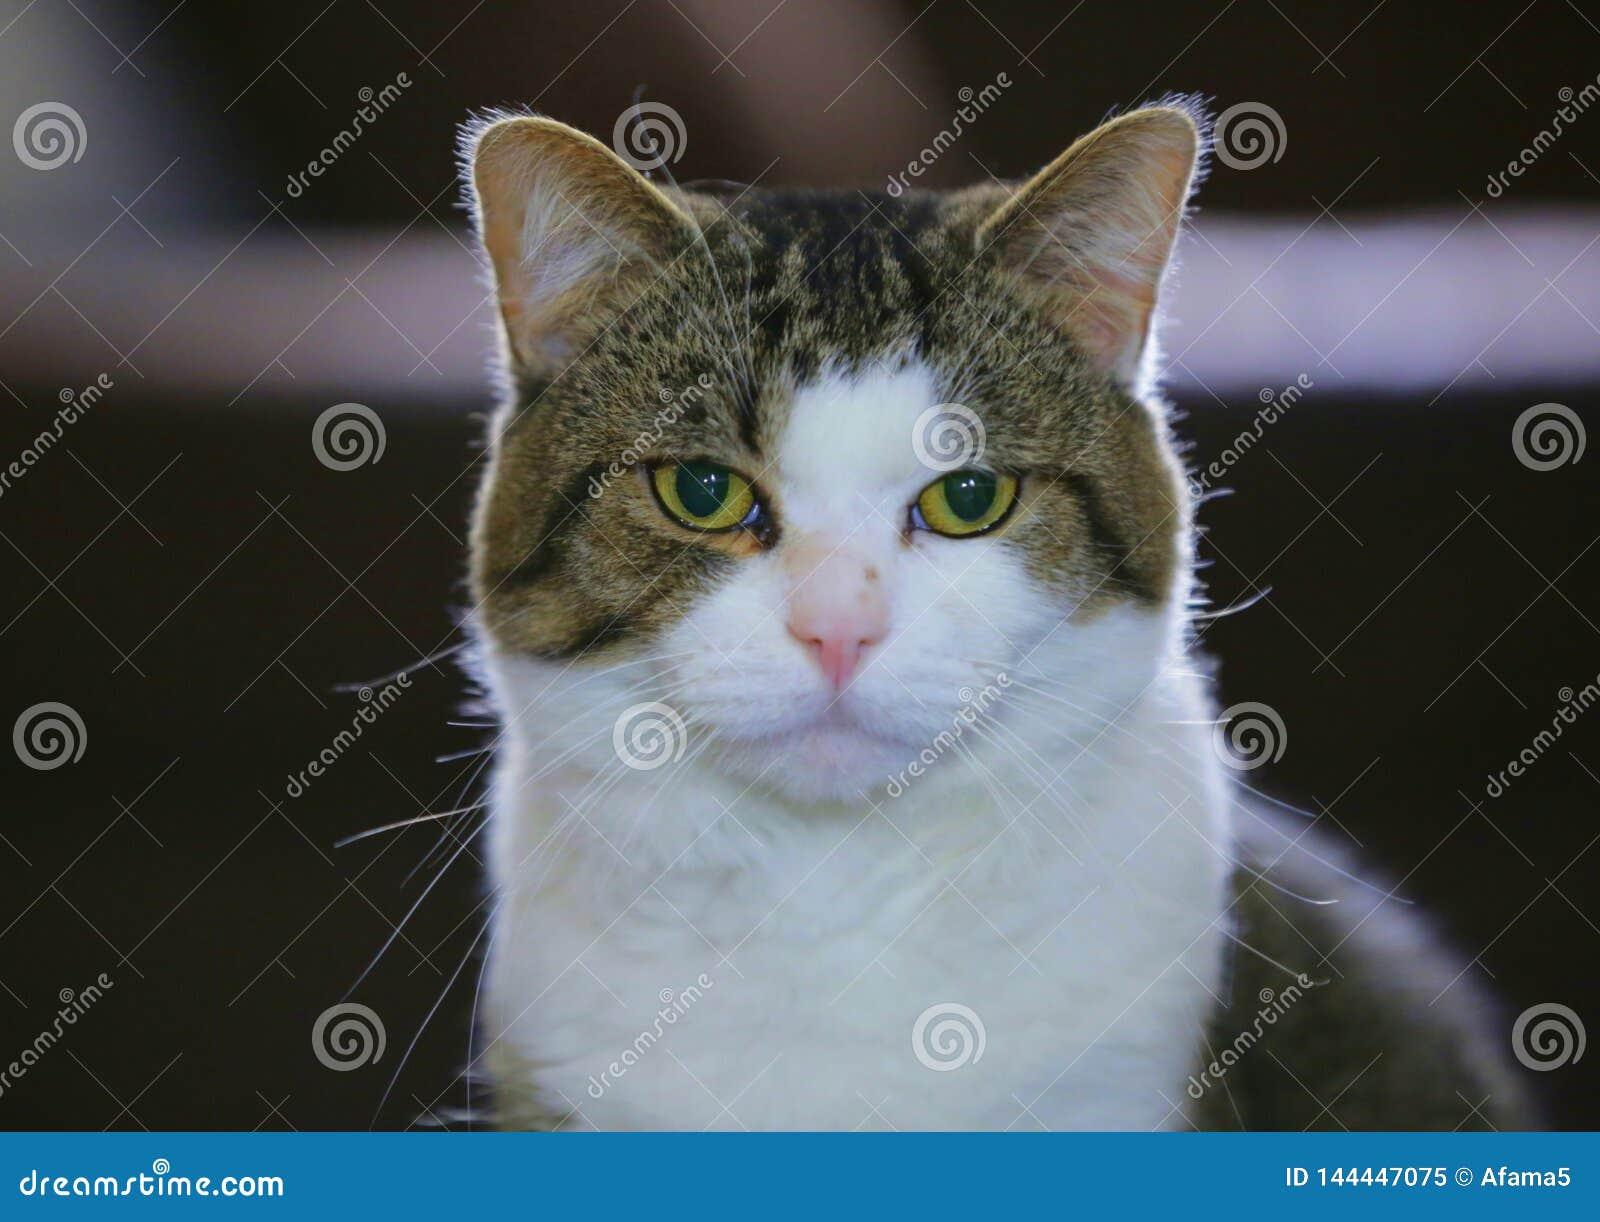 Wat willen deze kattenogen u vertellen?